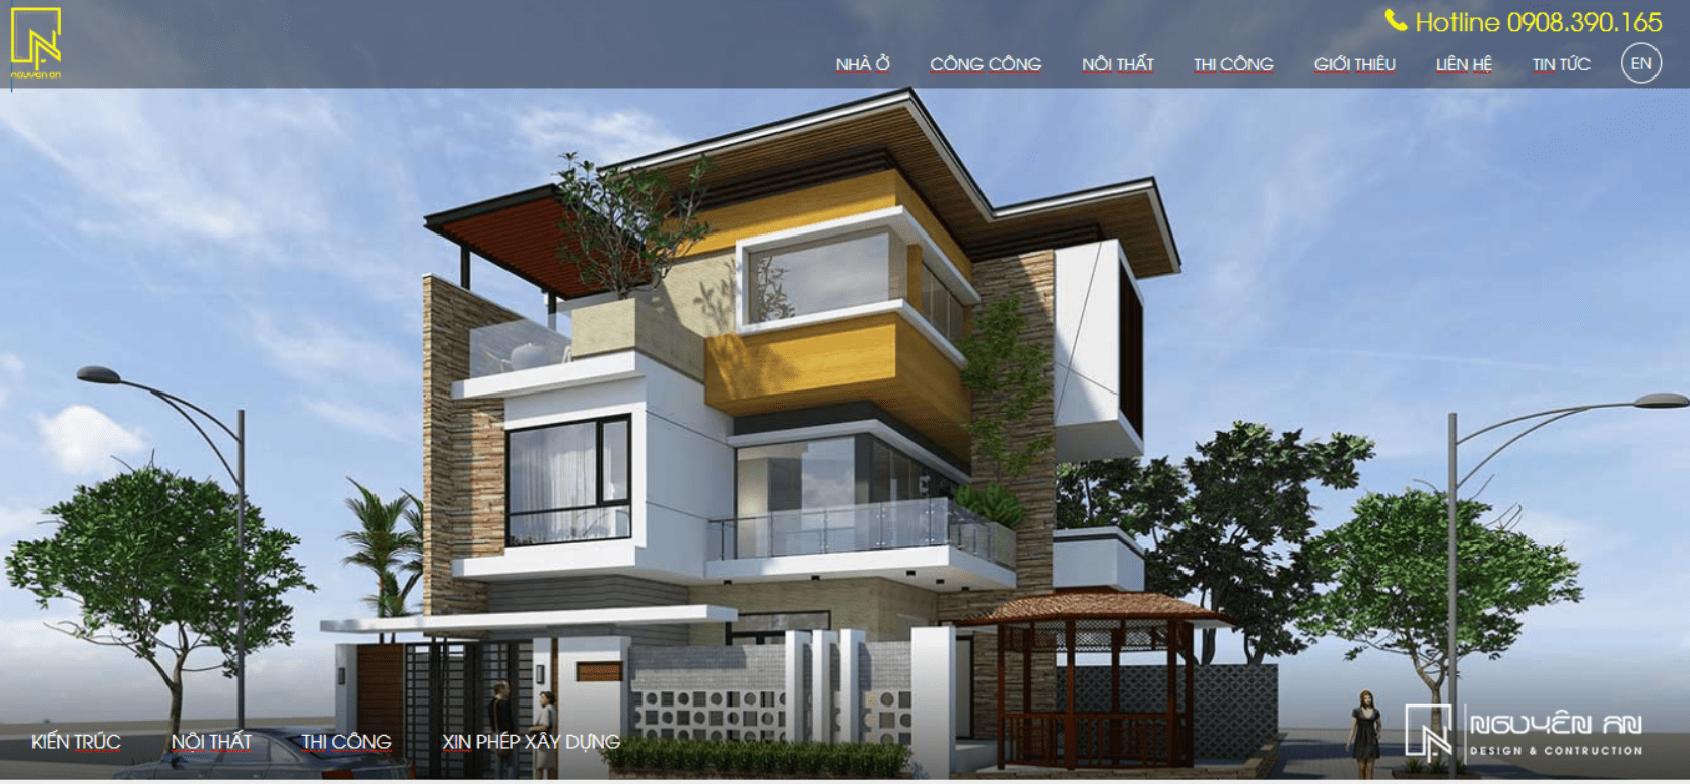 công ty thiết kế kiến trúc và xây dựng Nguyên An